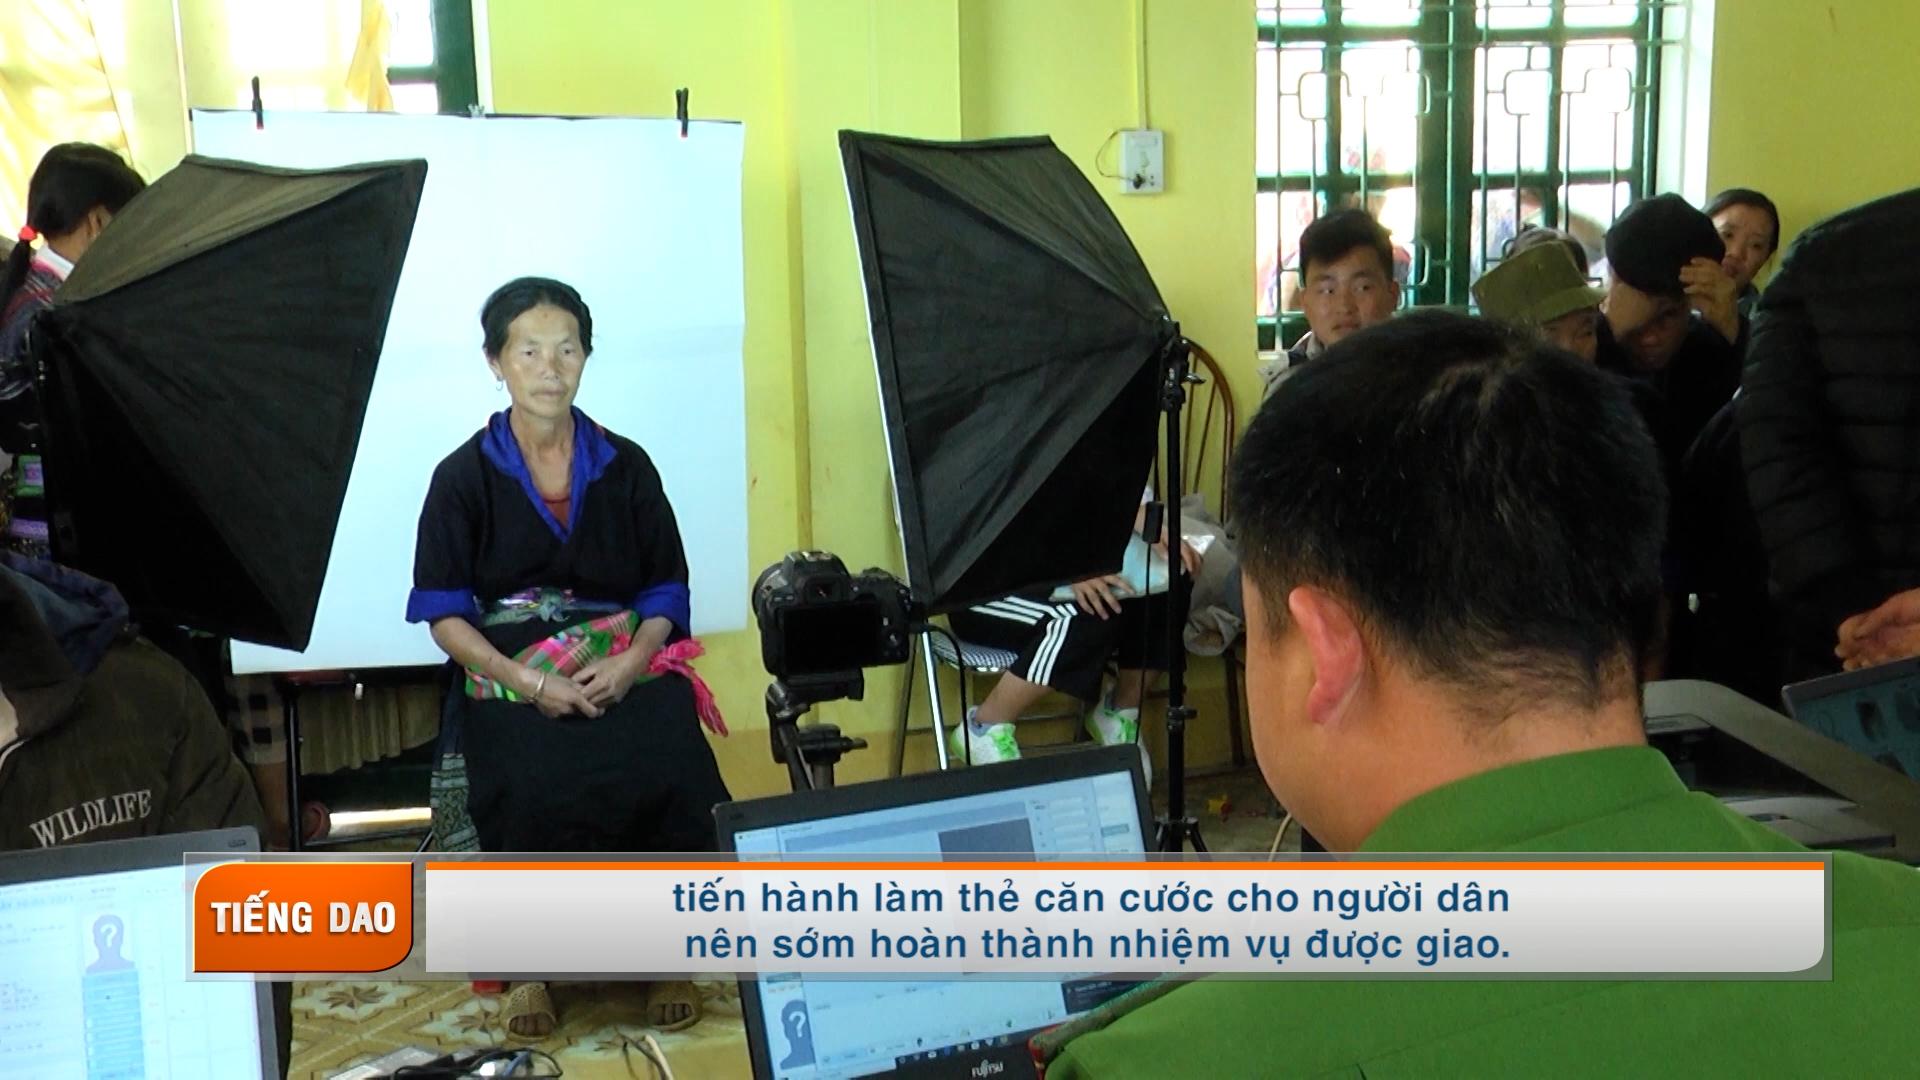 Tạp chí truyền hình tiếng Dao số 3 tháng 8 năm 2021